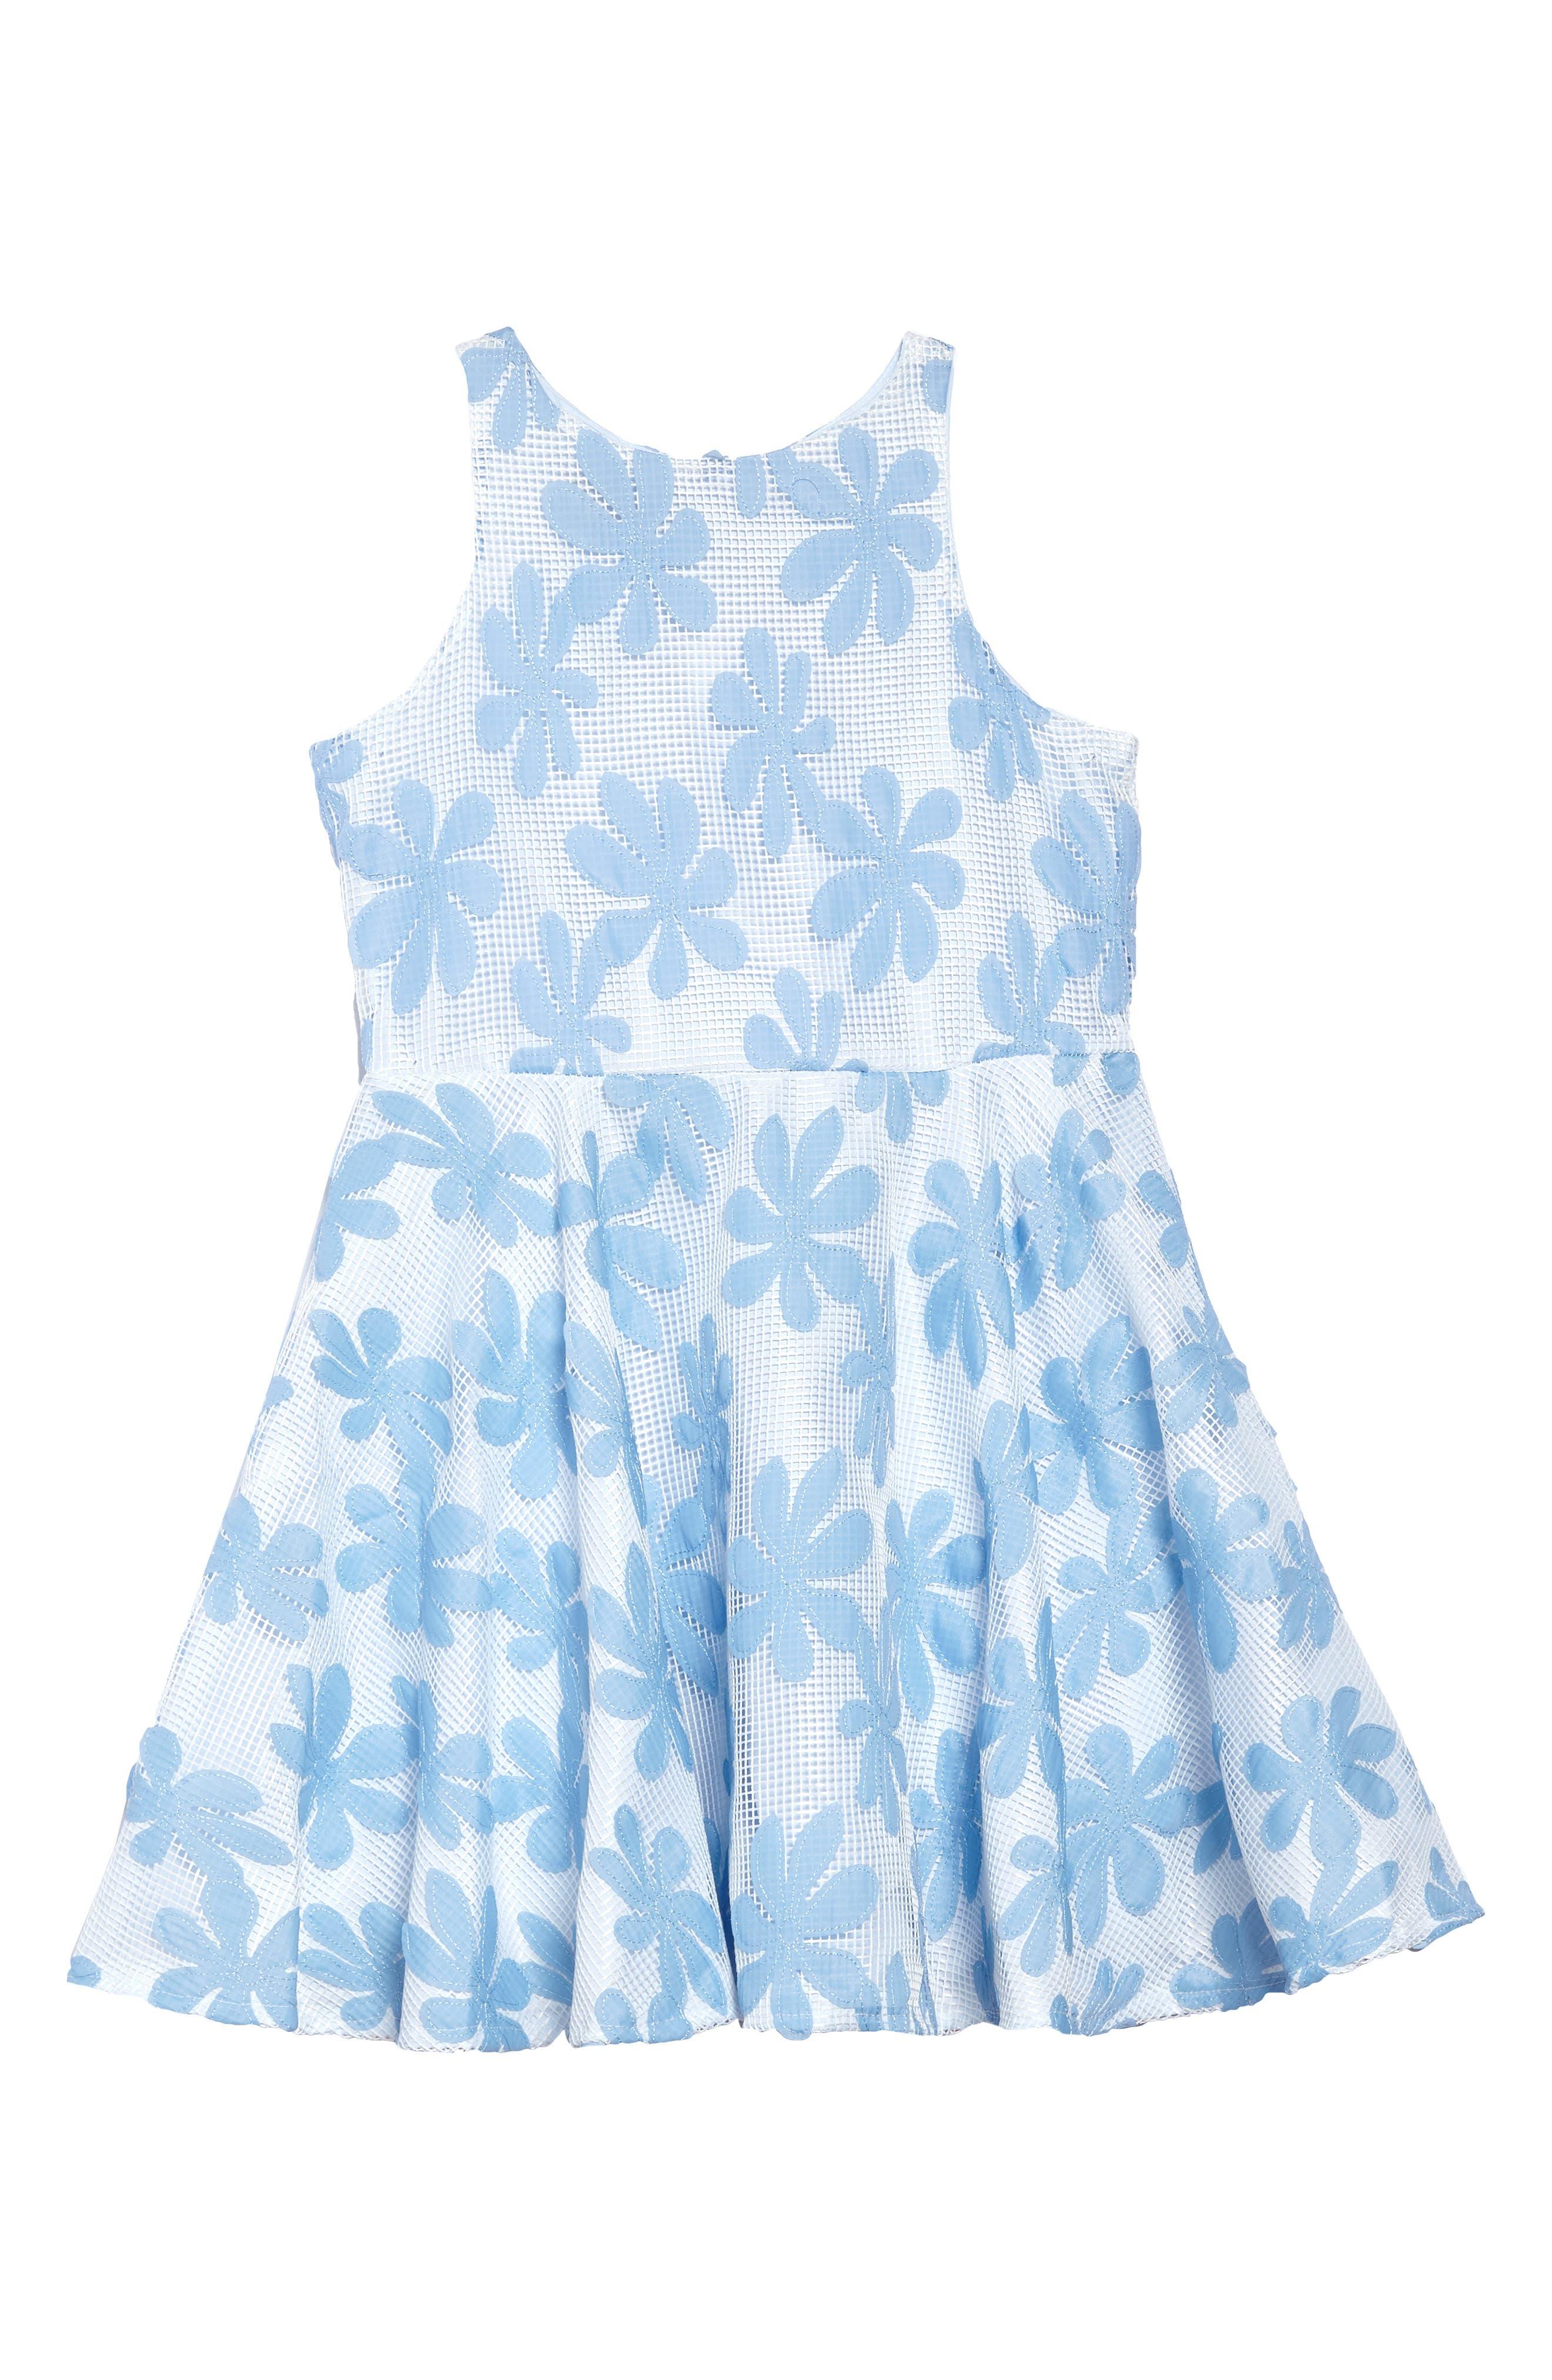 Daisy Appliqué Mesh Dress,                             Main thumbnail 1, color,                             White/ Blue